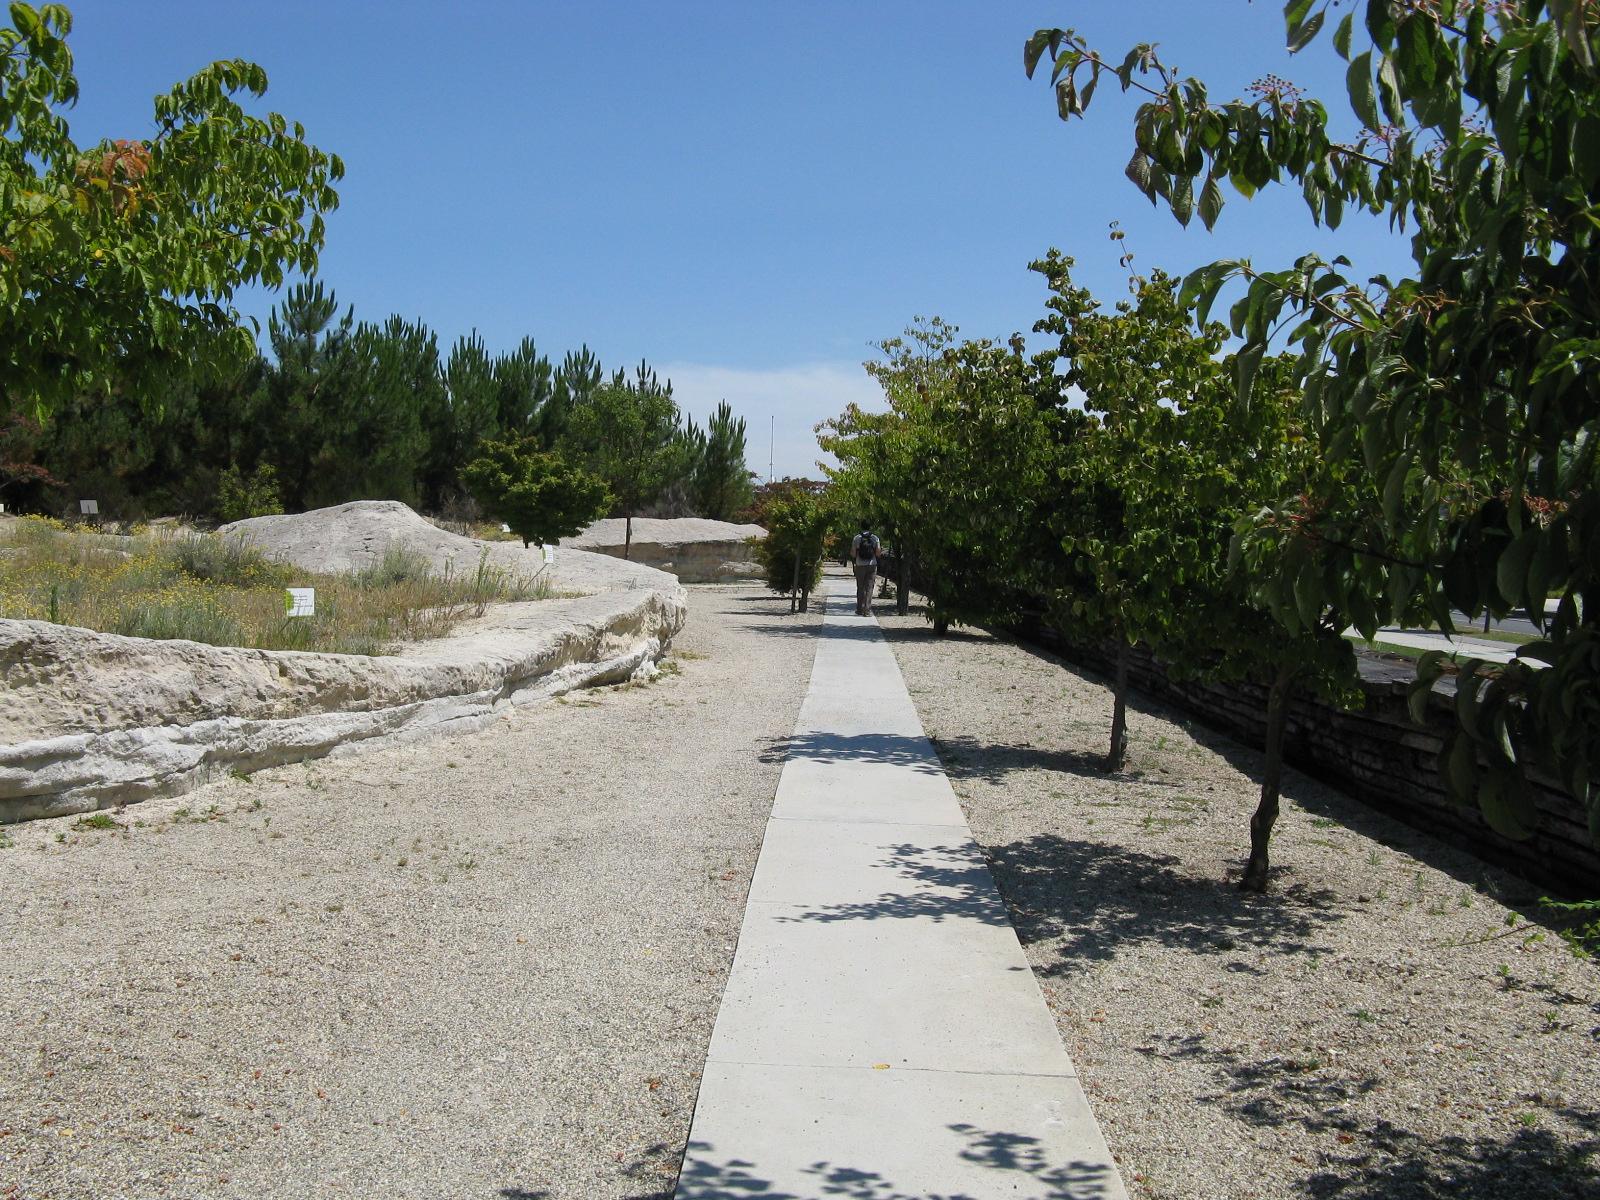 Jardin botanique de bordeaux wikiwand for Bal des citrouilles jardin botanique